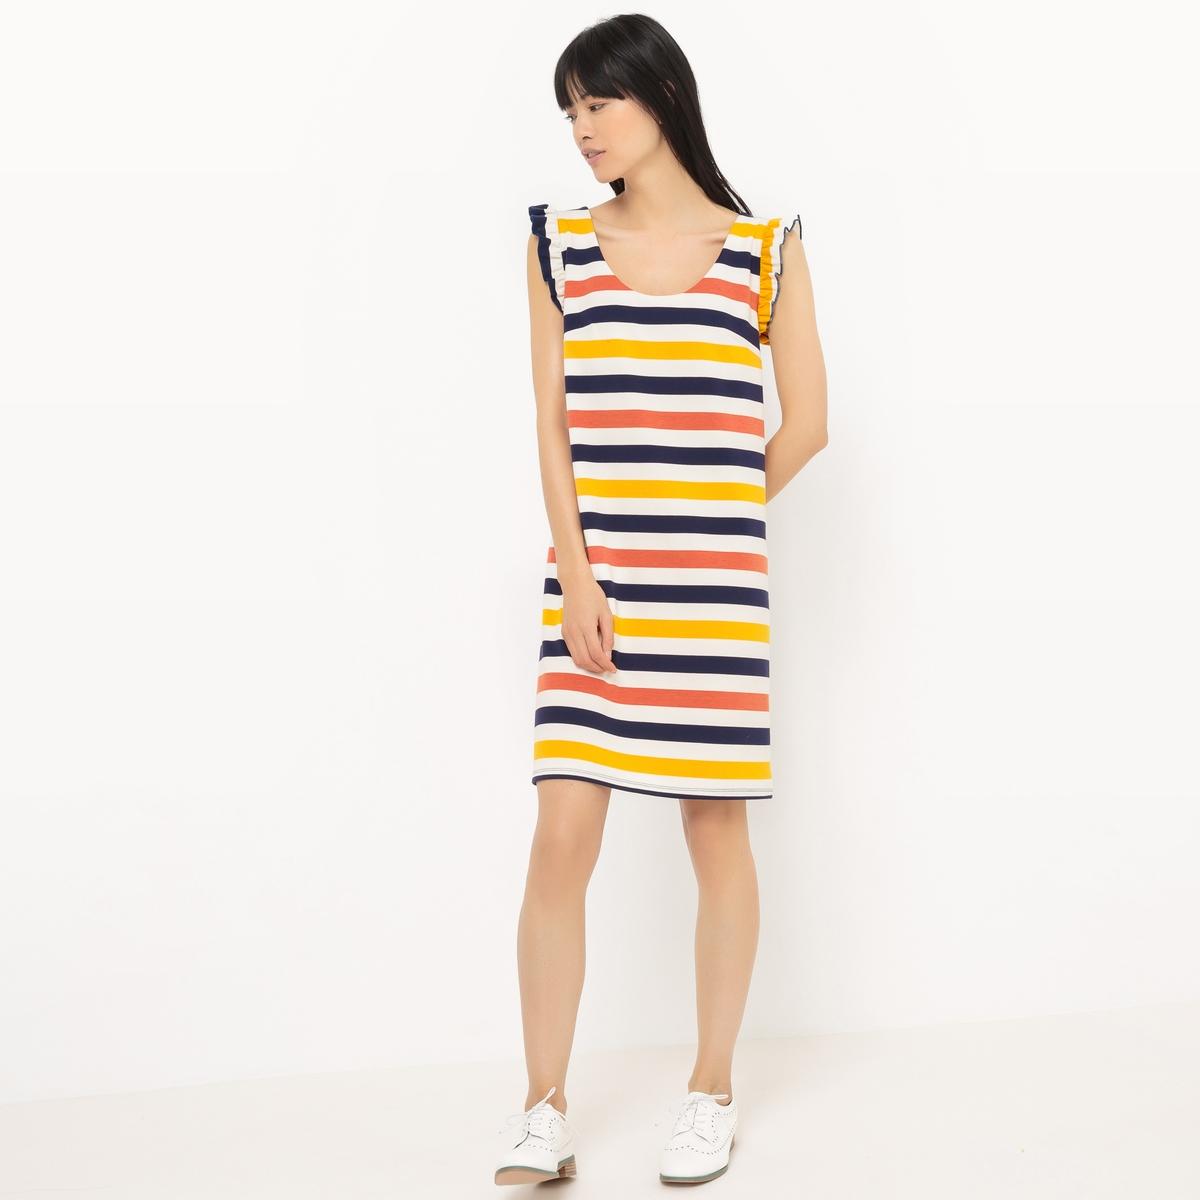 Платье-футляр в полоску из трикотажа, с воланамиМатериал : 75% полиэстера, 20% вискозы, 5% эластана.             Длина рукава : без рукавов             Форма воротника : круглый вырез            Покрой платья : платье прямого покроя               Рисунок : в полоску             Особенность платья : глубокий вырез сзади            Длина платья : 92 см            Стирка : машинная стирка при 30 °С            Уход : Сухая чистка и отбеливание запрещены            Машинная сушка : Машинная сушка запрещена            Глажка : при низкой температуре<br><br>Цвет: в полоску разноцветный<br>Размер: 50 (FR) - 56 (RUS).40 (FR) - 46 (RUS).38 (FR) - 44 (RUS)